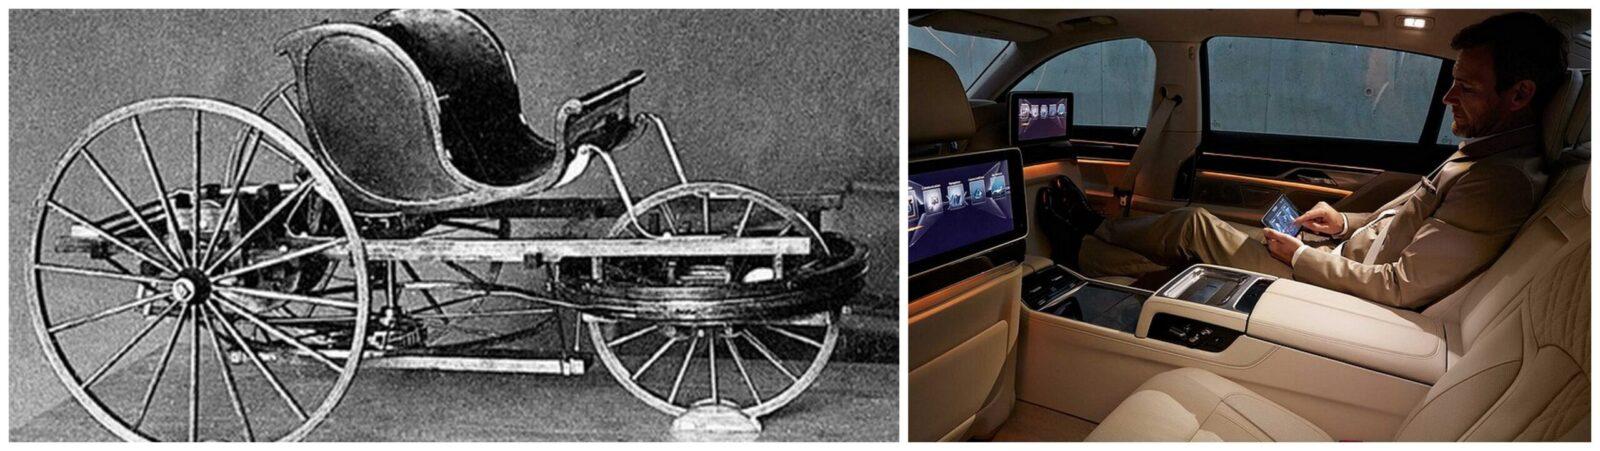 Стальные машины истории